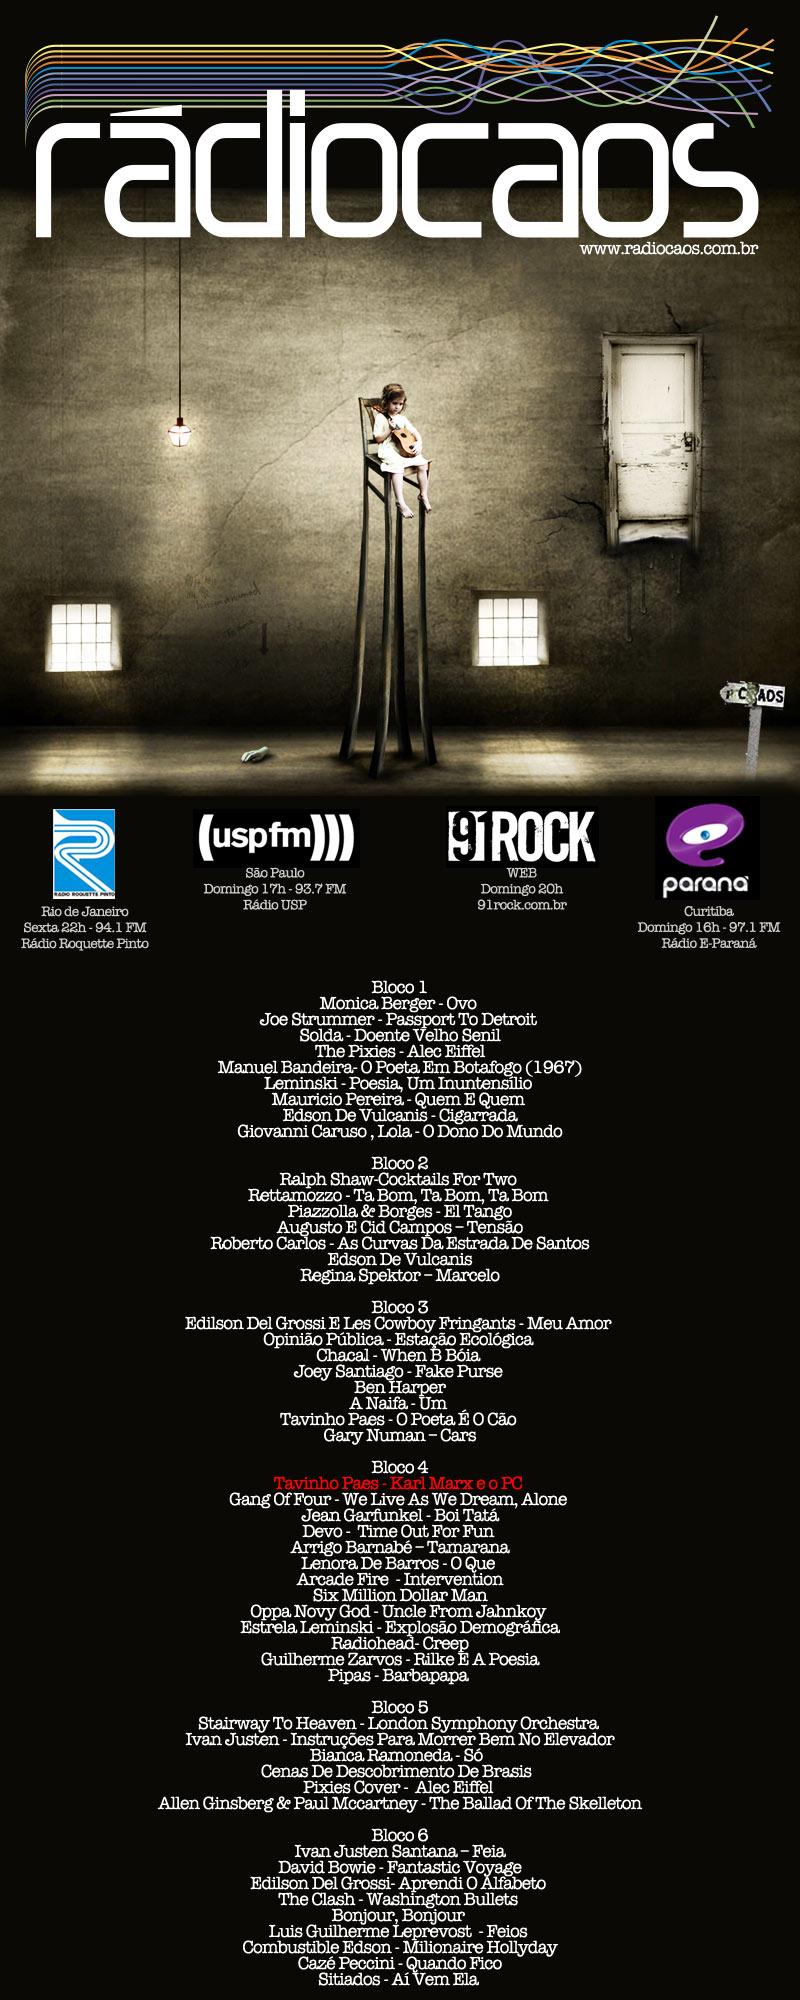 mailcaos-31-08-2012